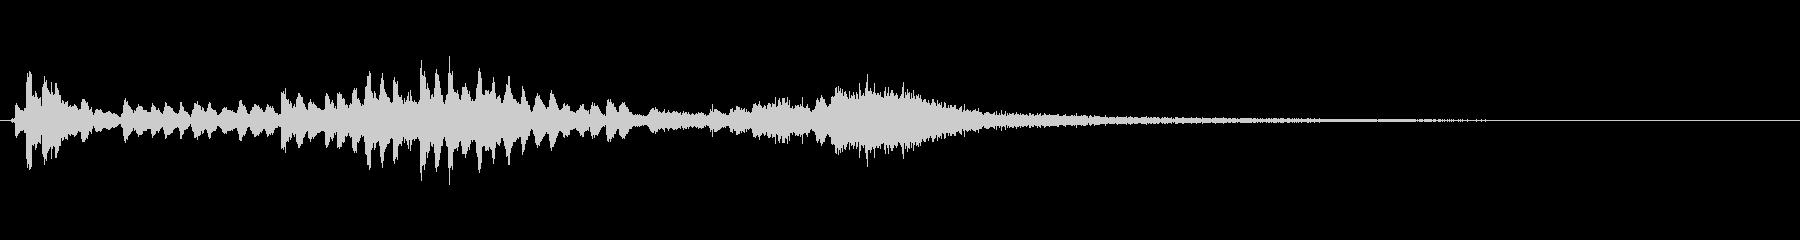 優雅な和風サウンド 琴のトレモロの未再生の波形